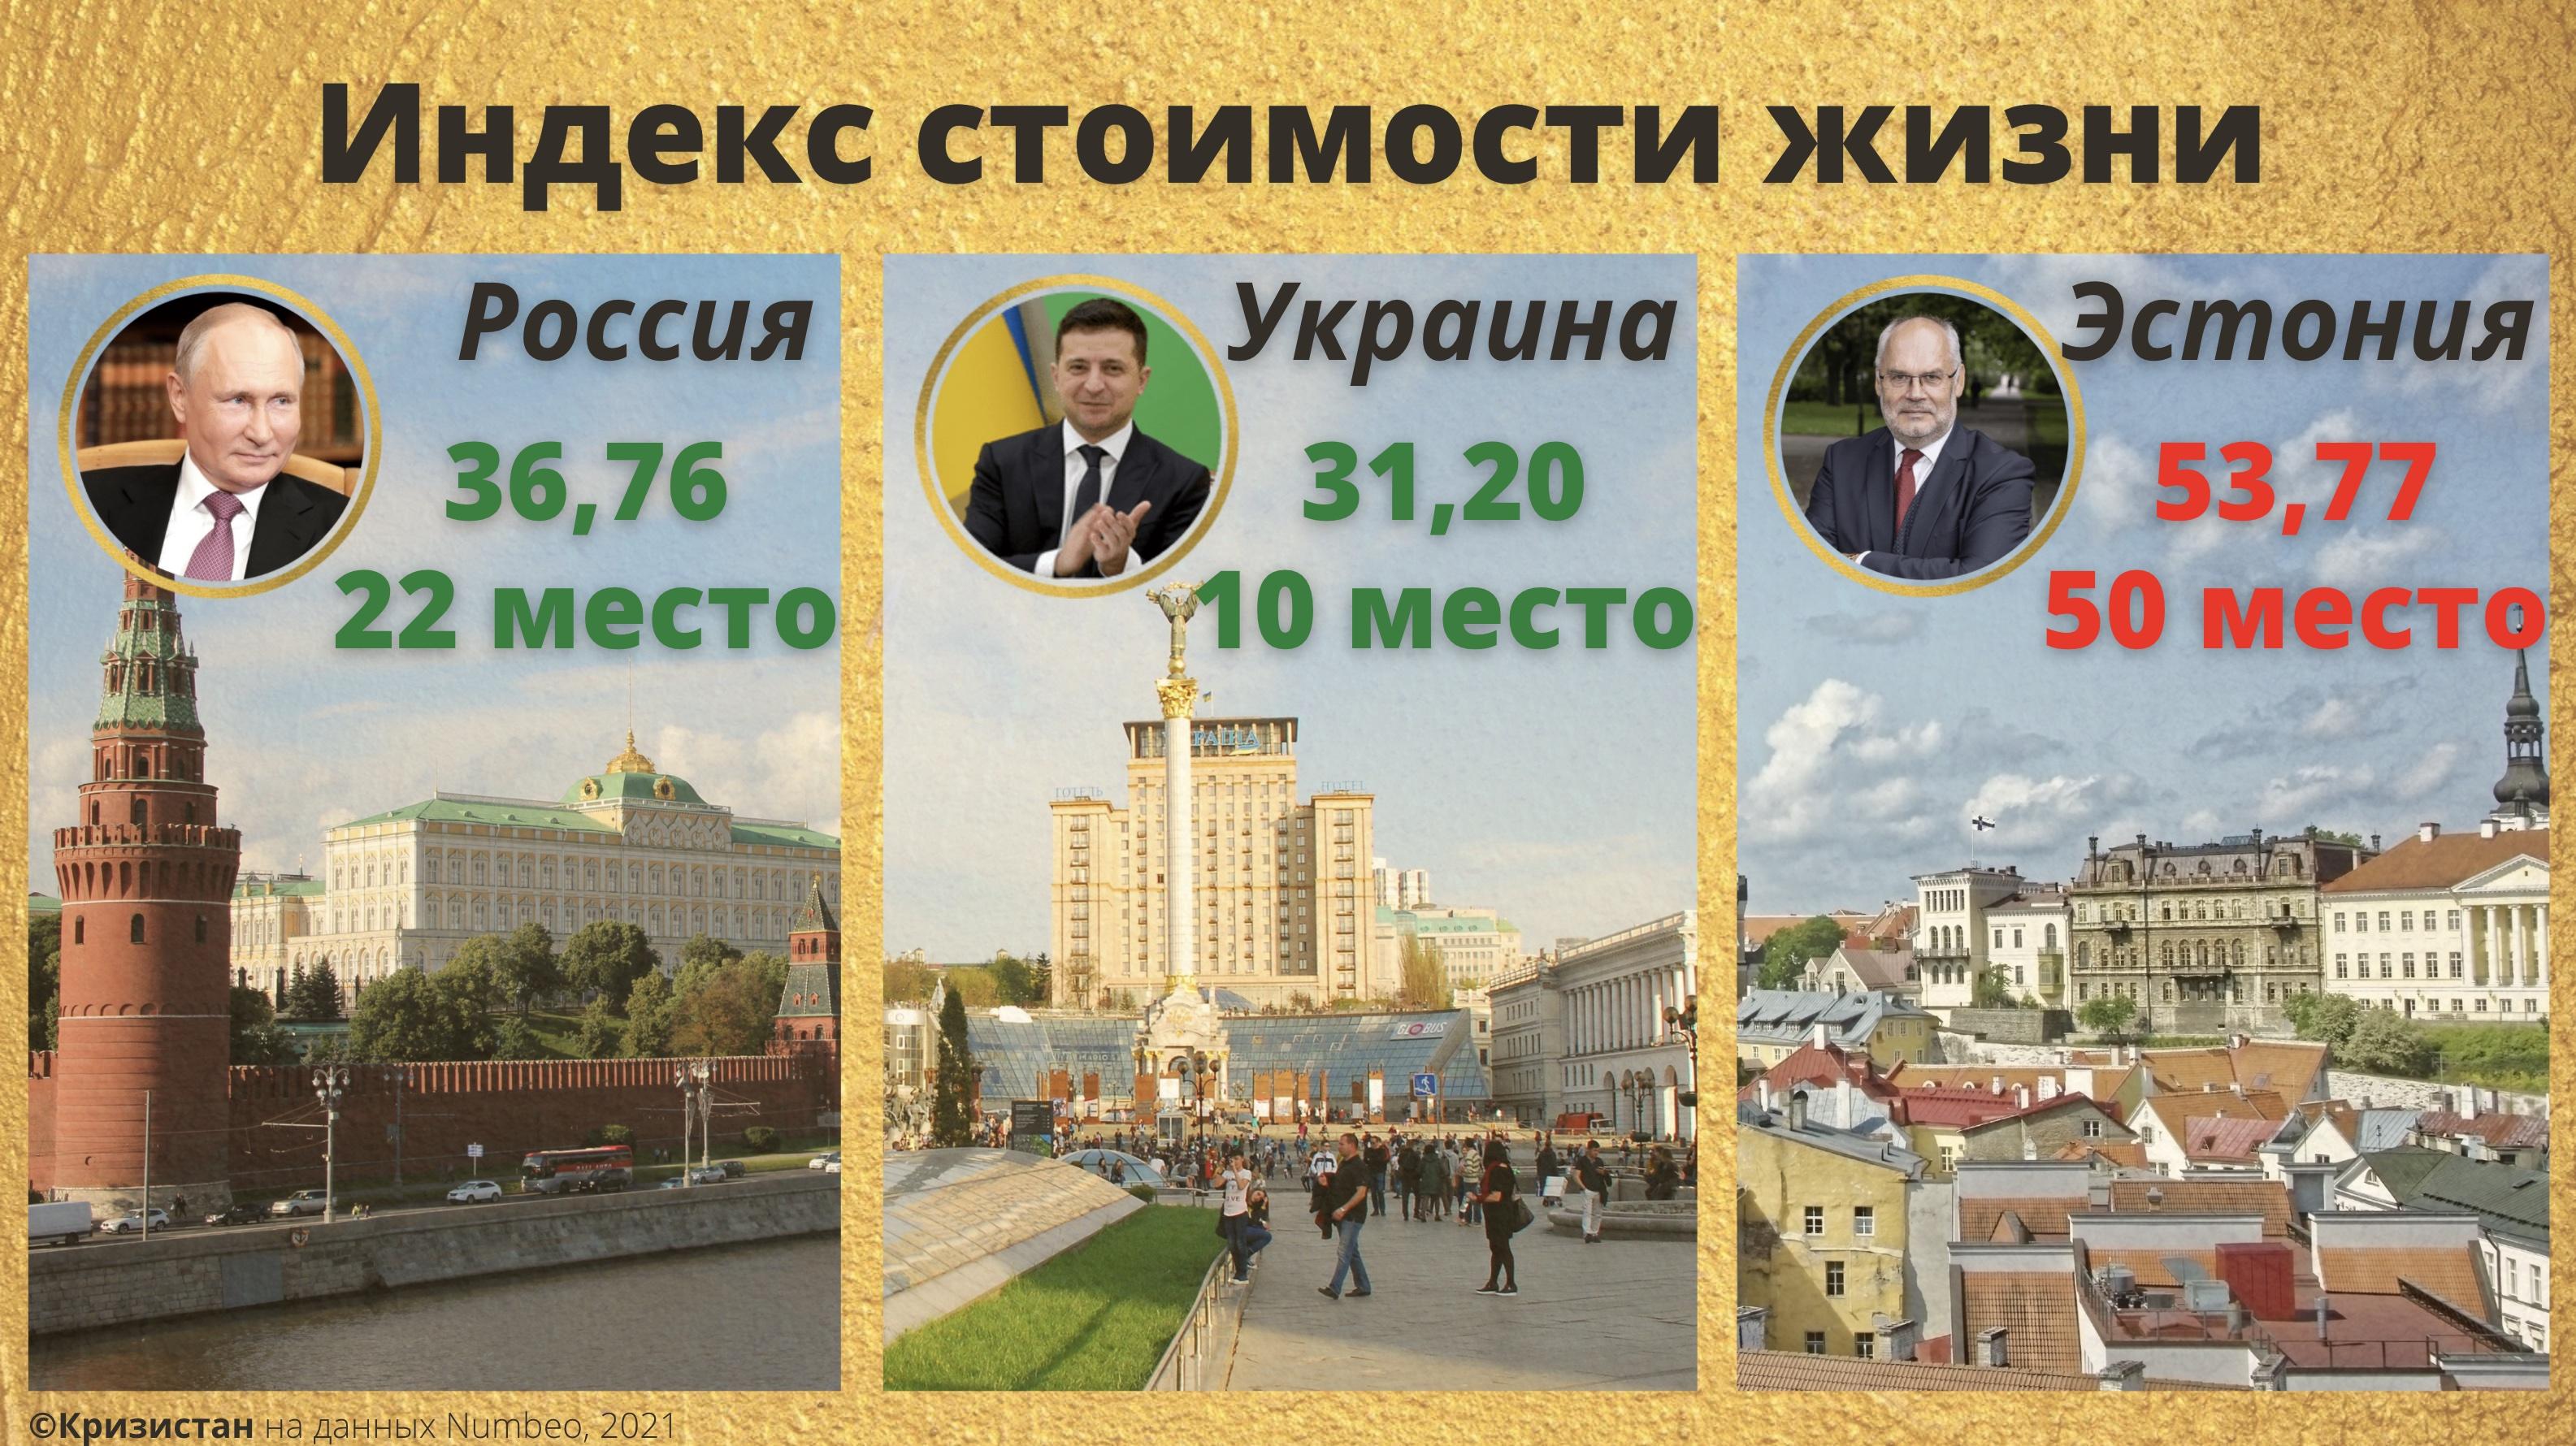 Индекс стоимости жизни - Эстония, РФ, Украина